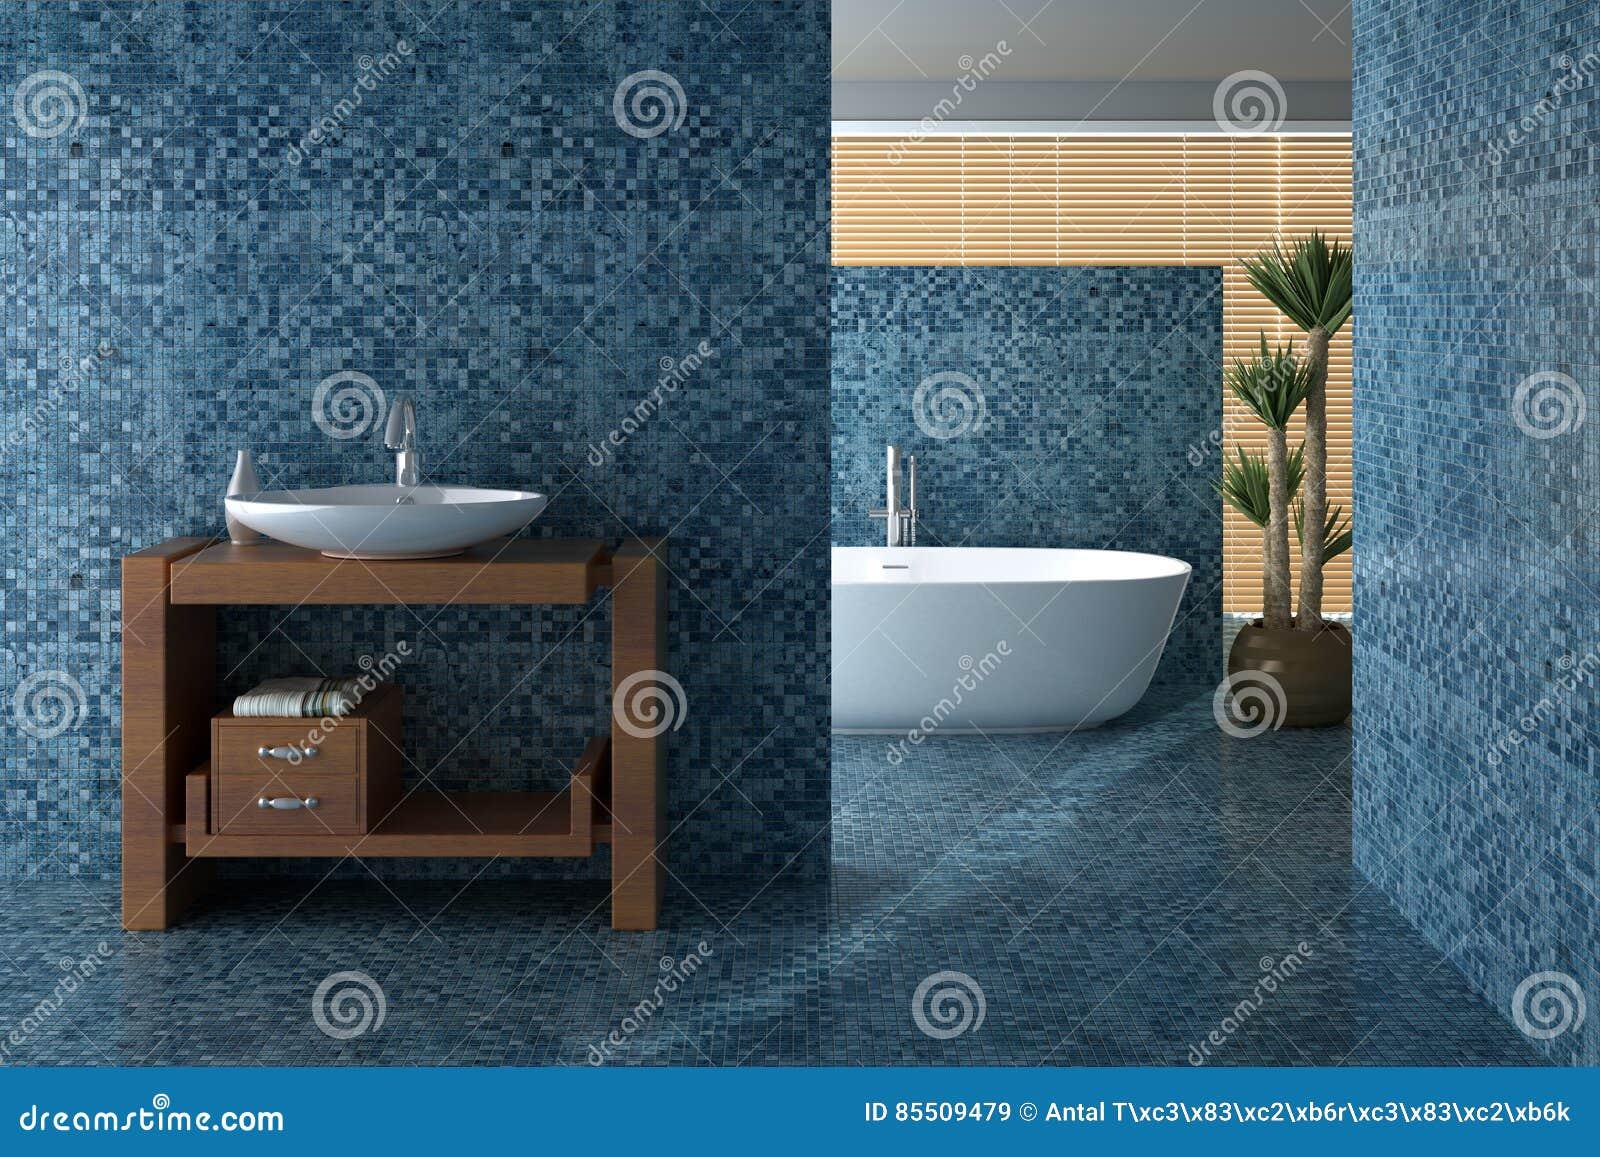 Blaues Badezimmer Einschließlich Bad Und Wanne Stock Abbildung ...